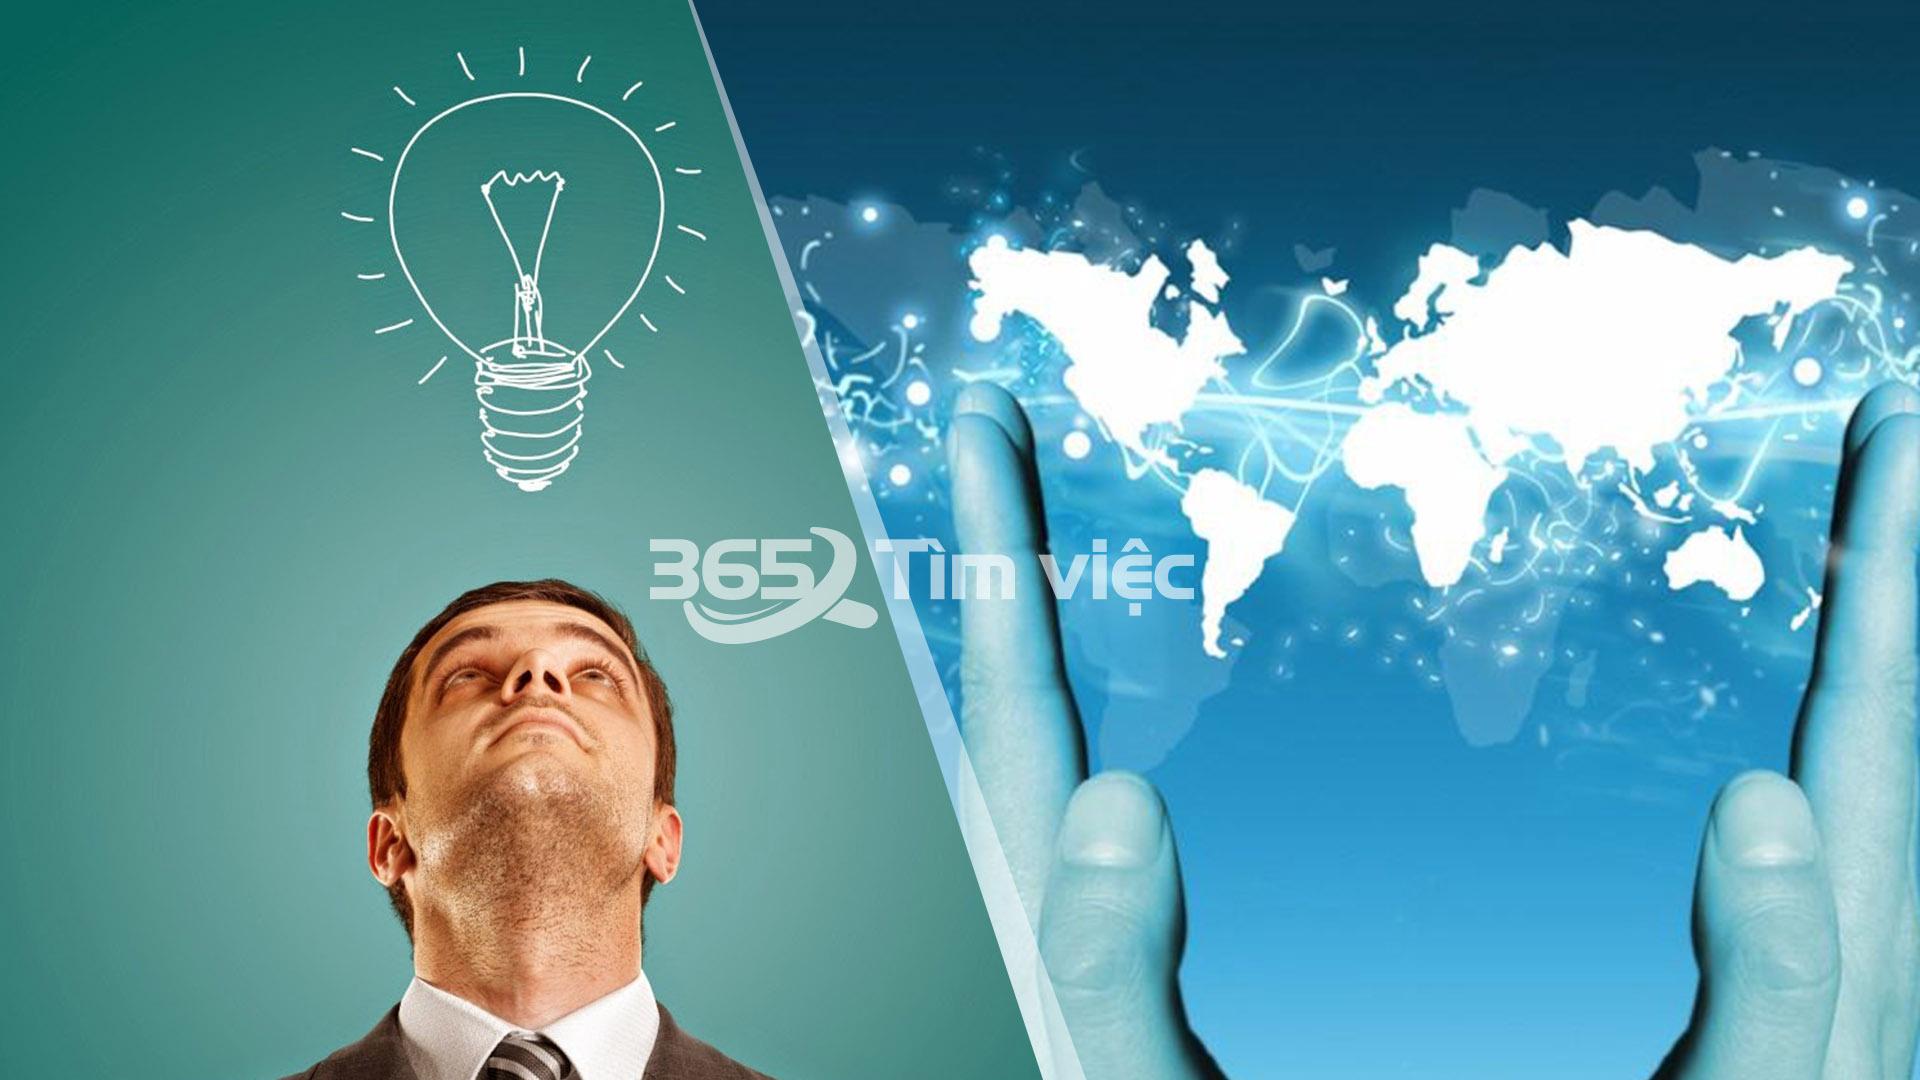 [#2021 Khái niệm] Credential là gì? Mở rộng thông tin hiểu biết về Credential